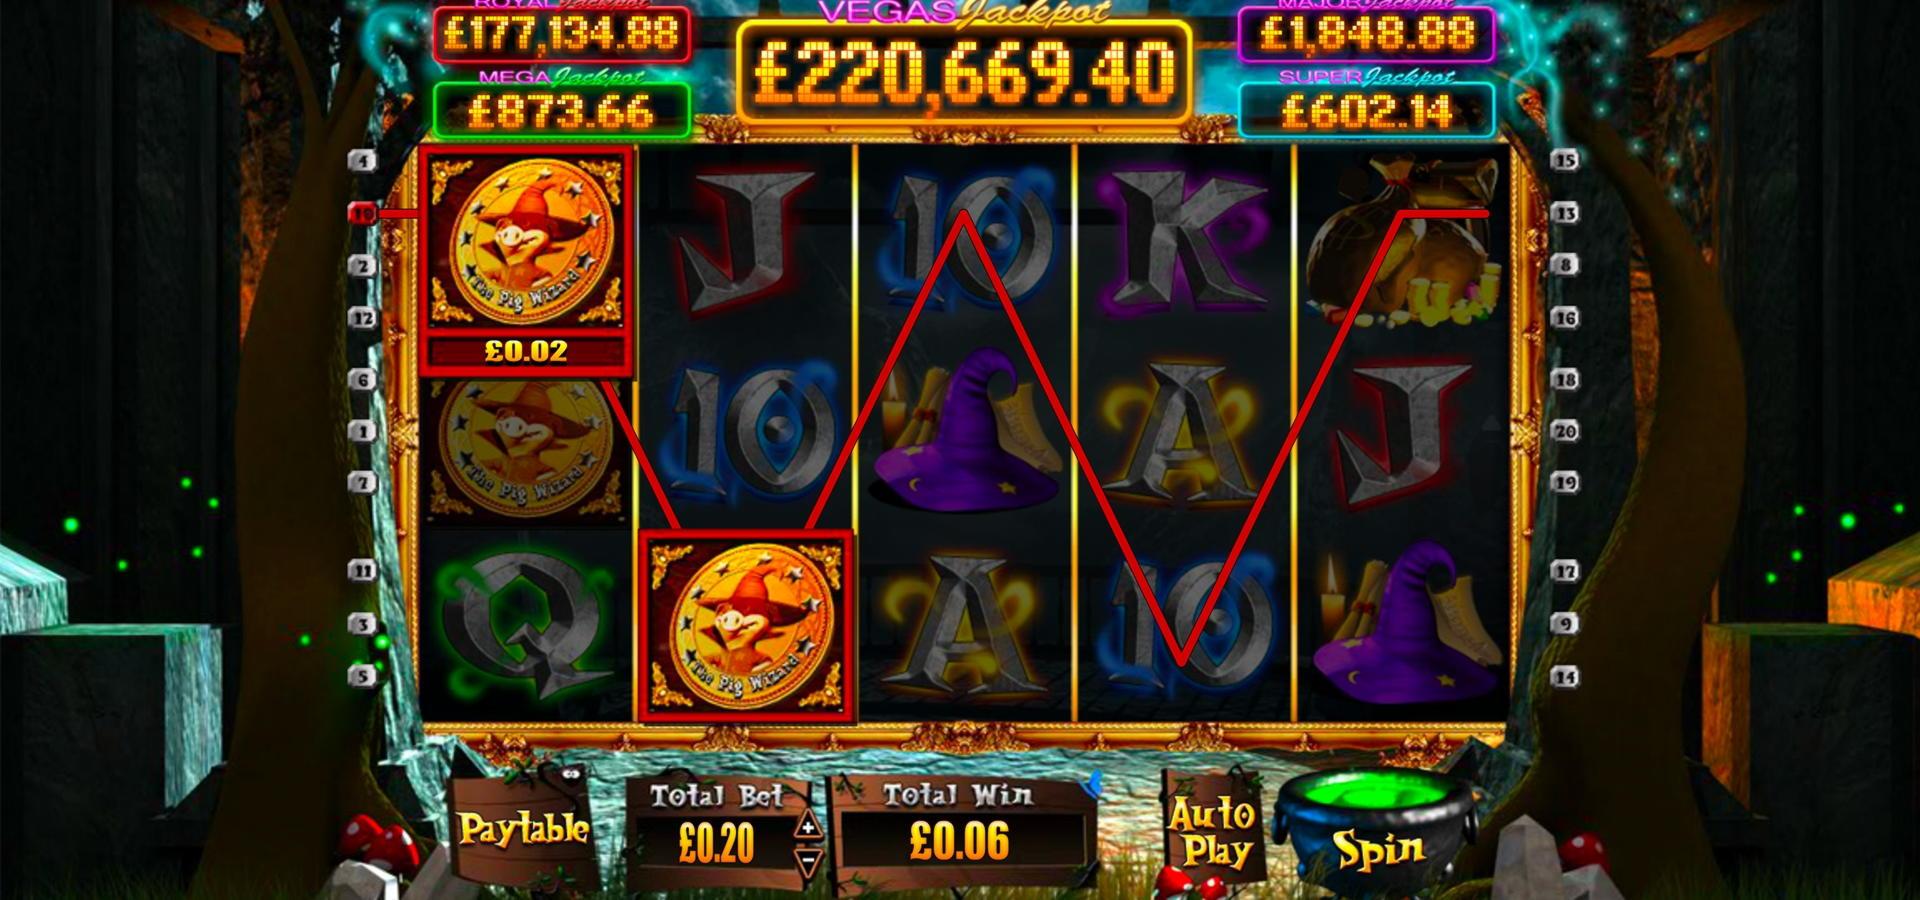 EURO 4140 Nincs bónusz kaszinó bónusz a Mayan Fortune-nál